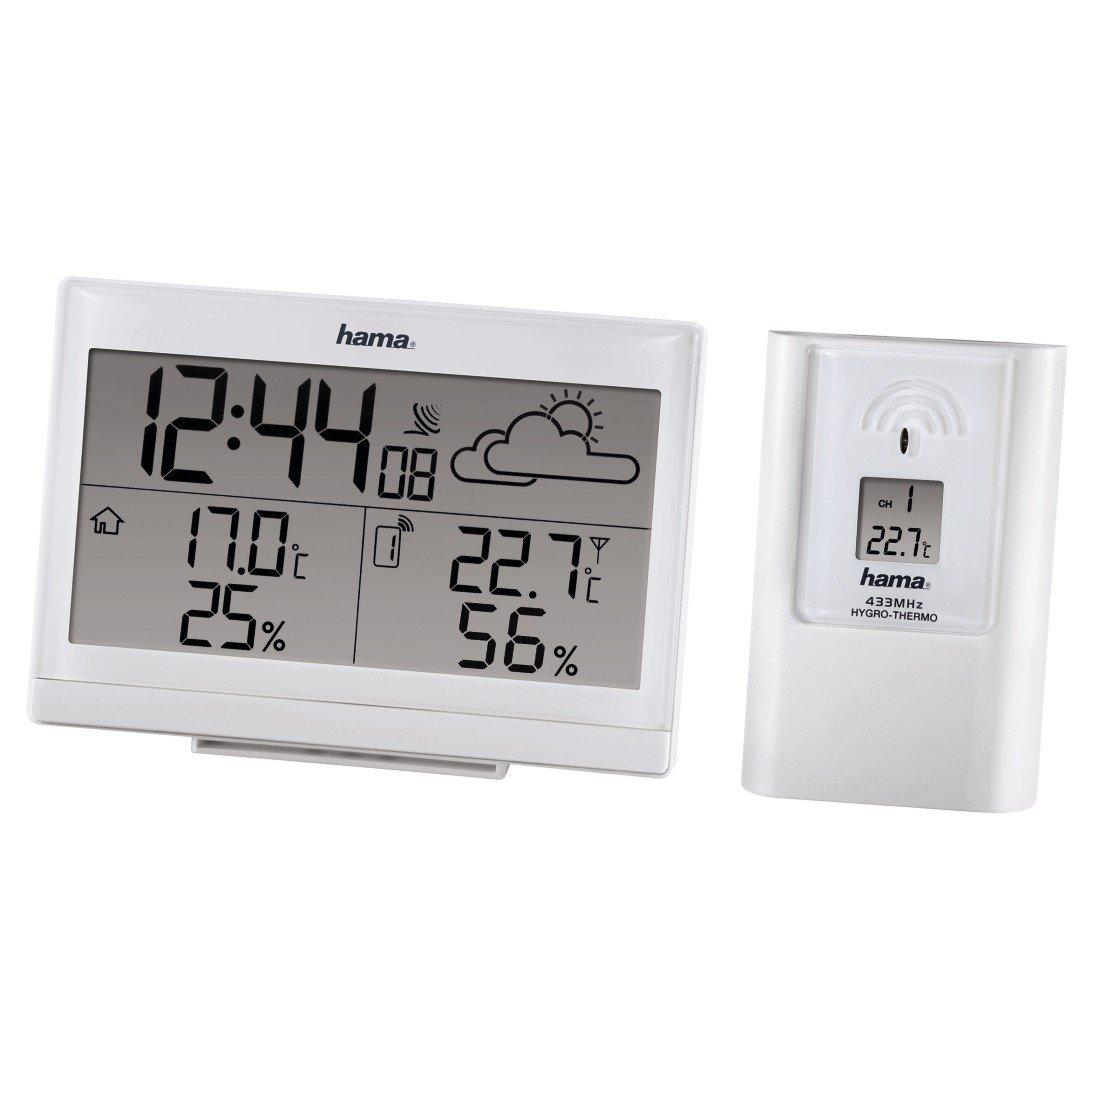 Hama EWS890 Electronic Weather StationWhite [113986]